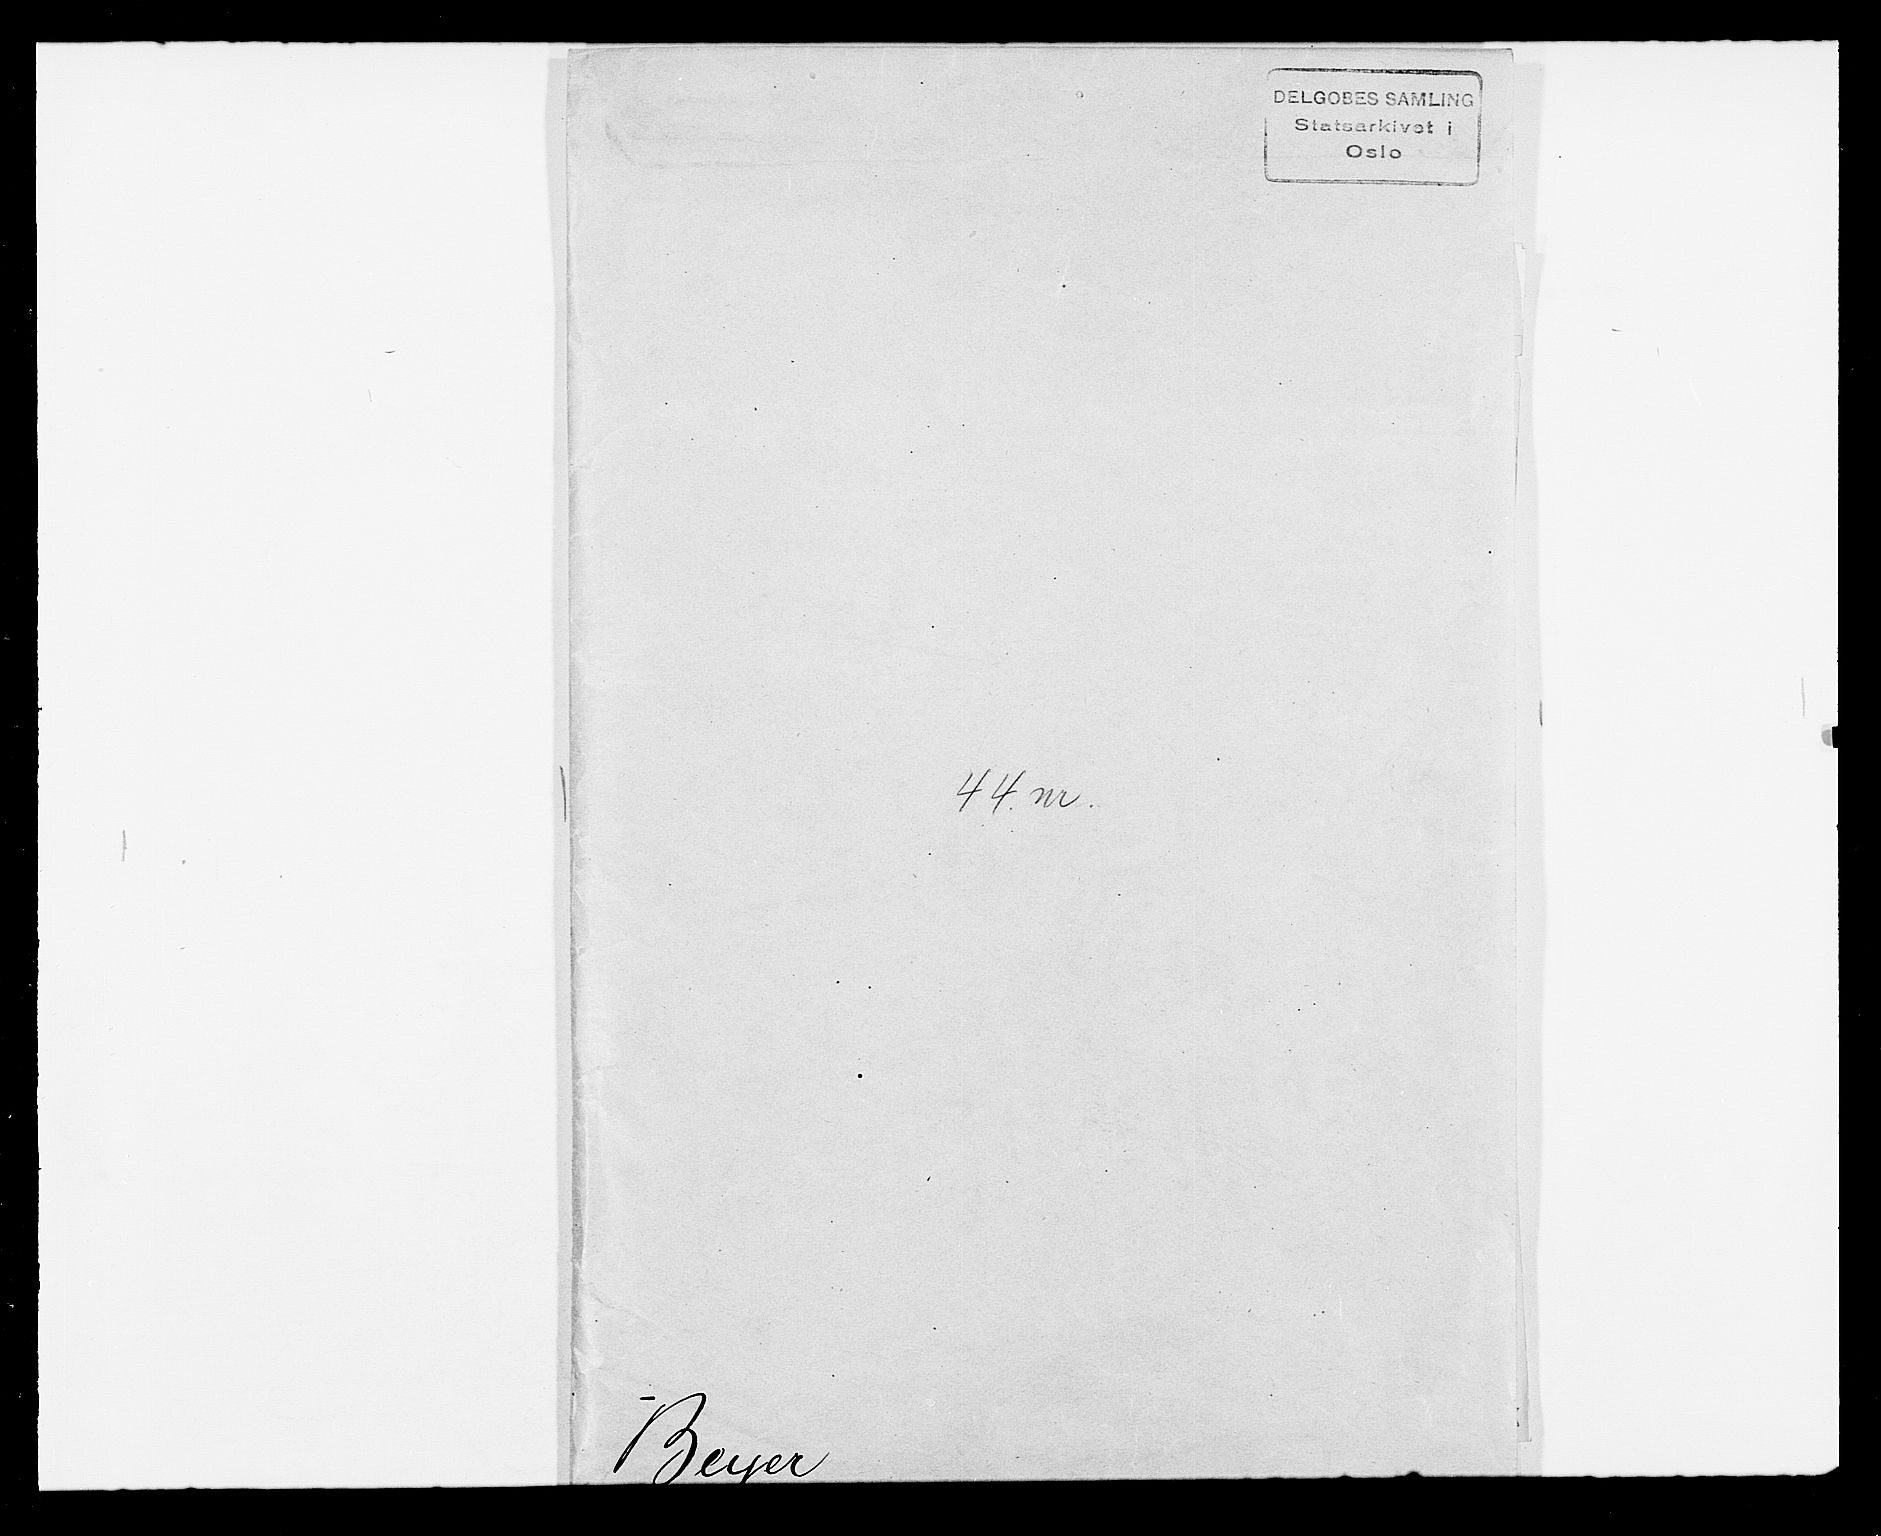 SAO, Delgobe, Charles Antoine - samling, D/Db/L0001: Tilleggspakke, s. 146